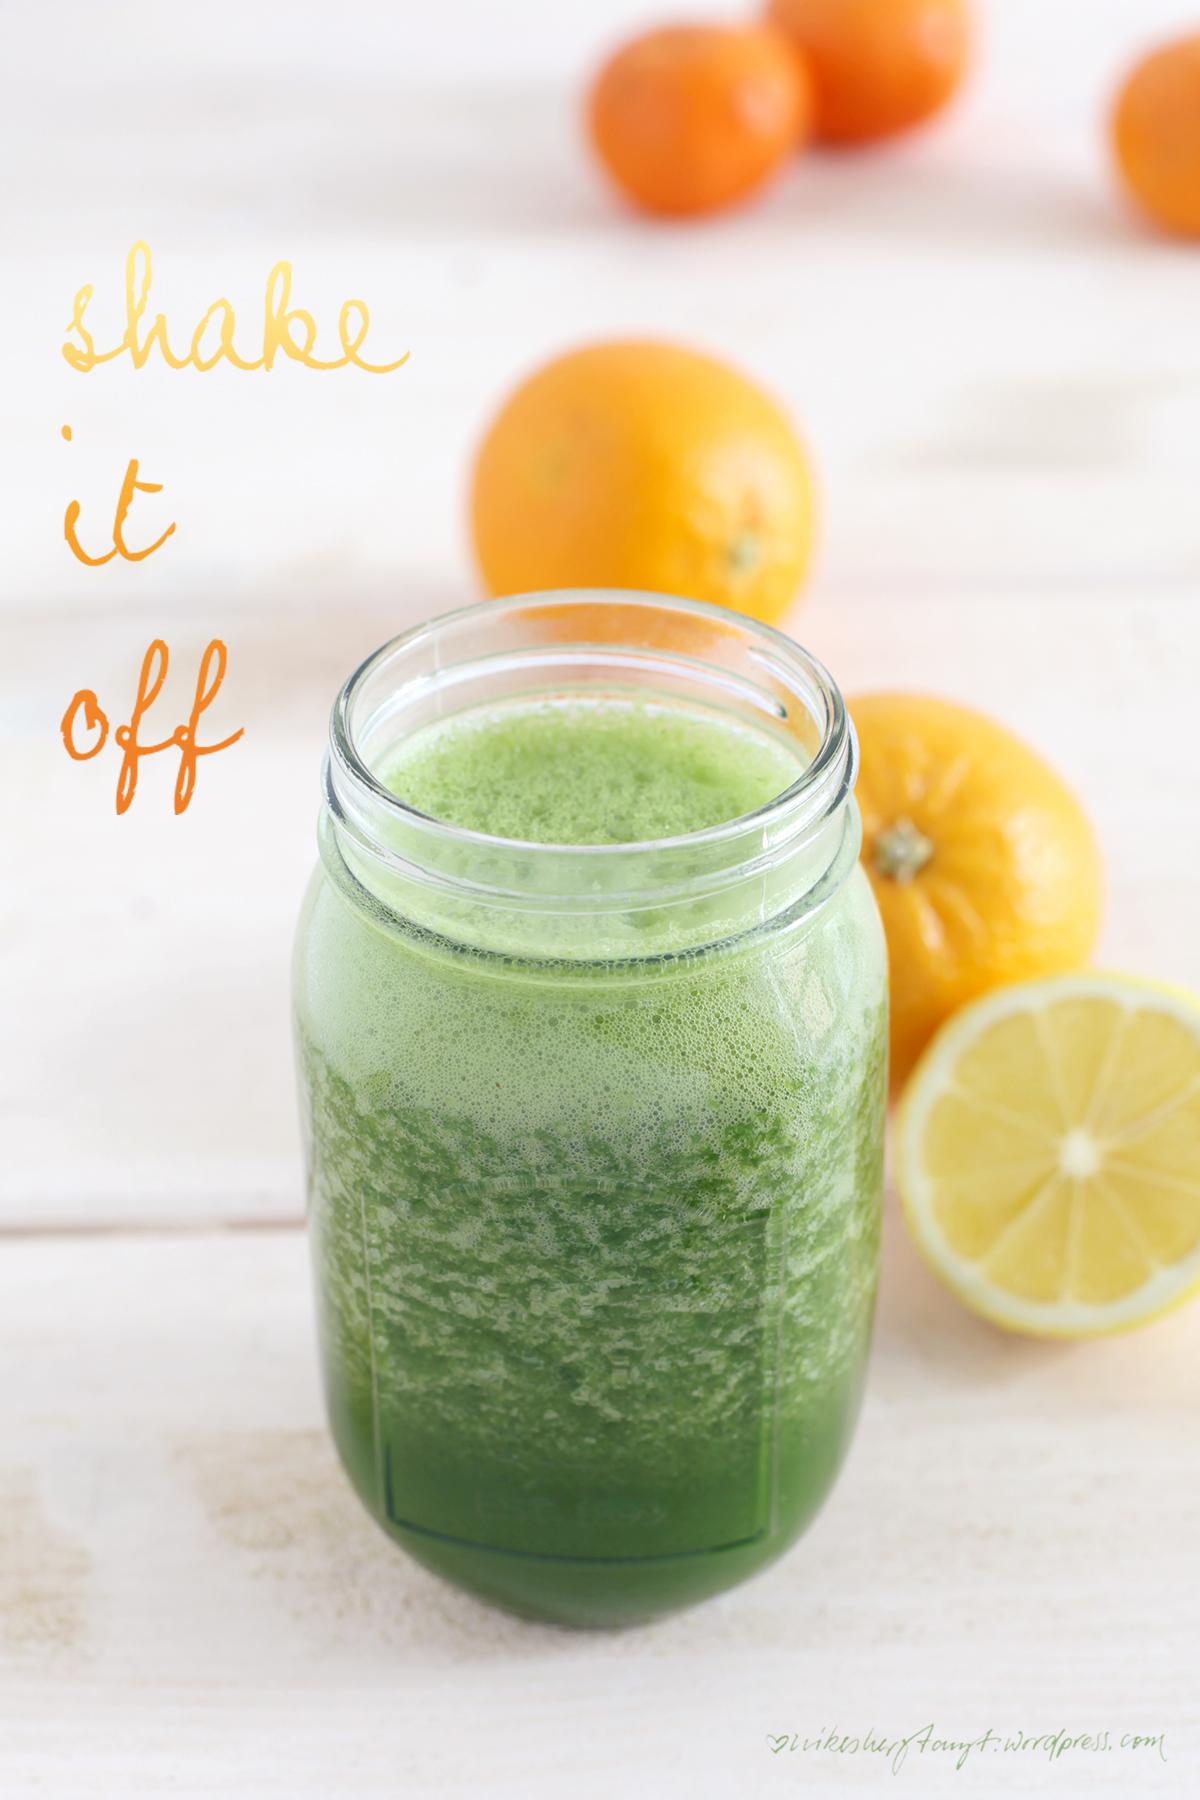 zuckerfrei ins neue jahr,green smoothie, grüner saft, detox, eat your greens, clean eating, vegan, orange, zitrone, minze, grünkohl, weizengraspulver, nikesherztanzt